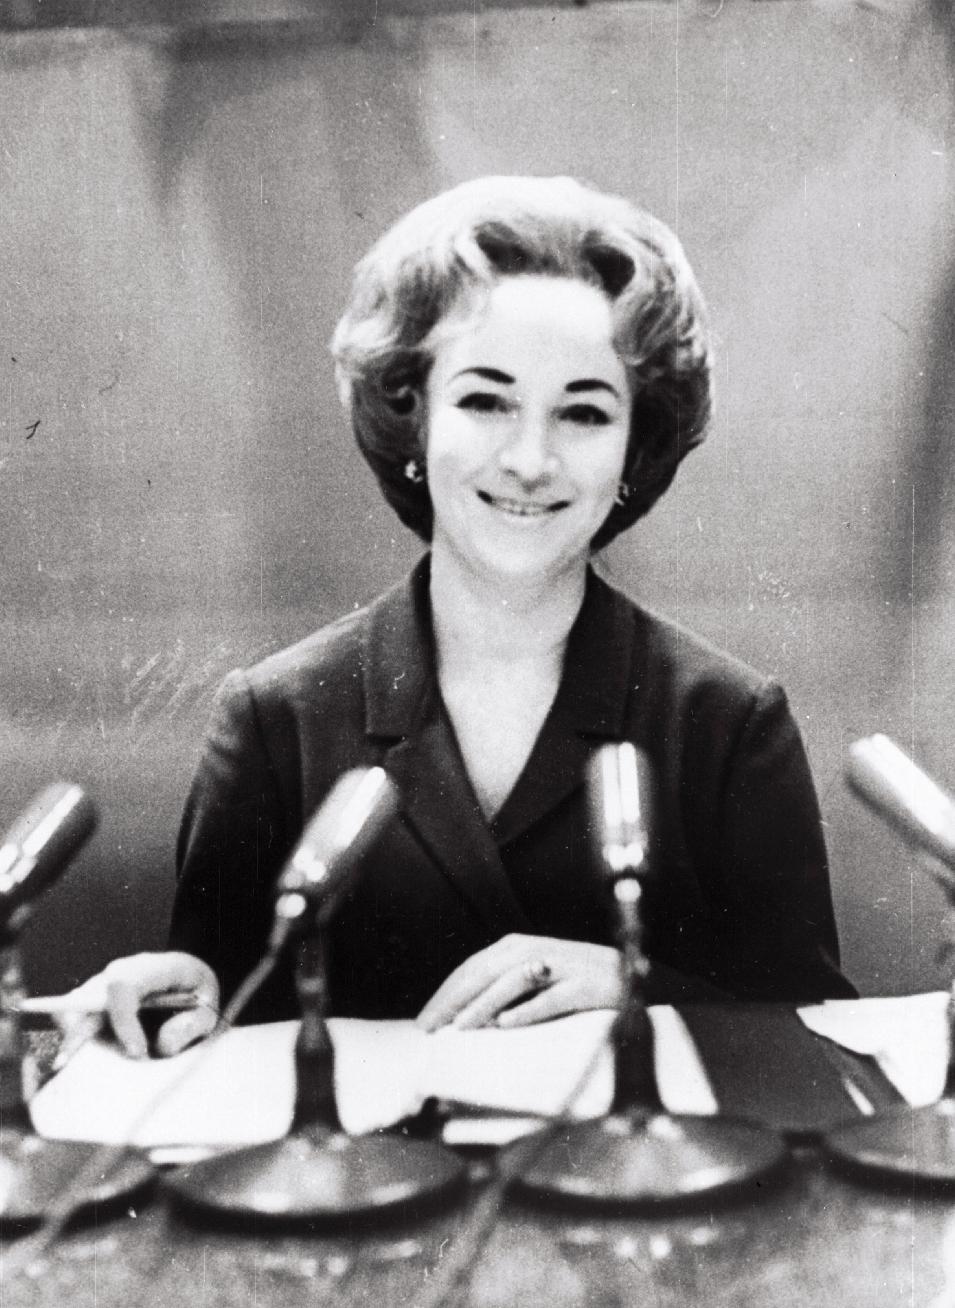 Eesti Televisiooni diktor Ruth Peramets. [1965-1970]. EFA.331.0-75875